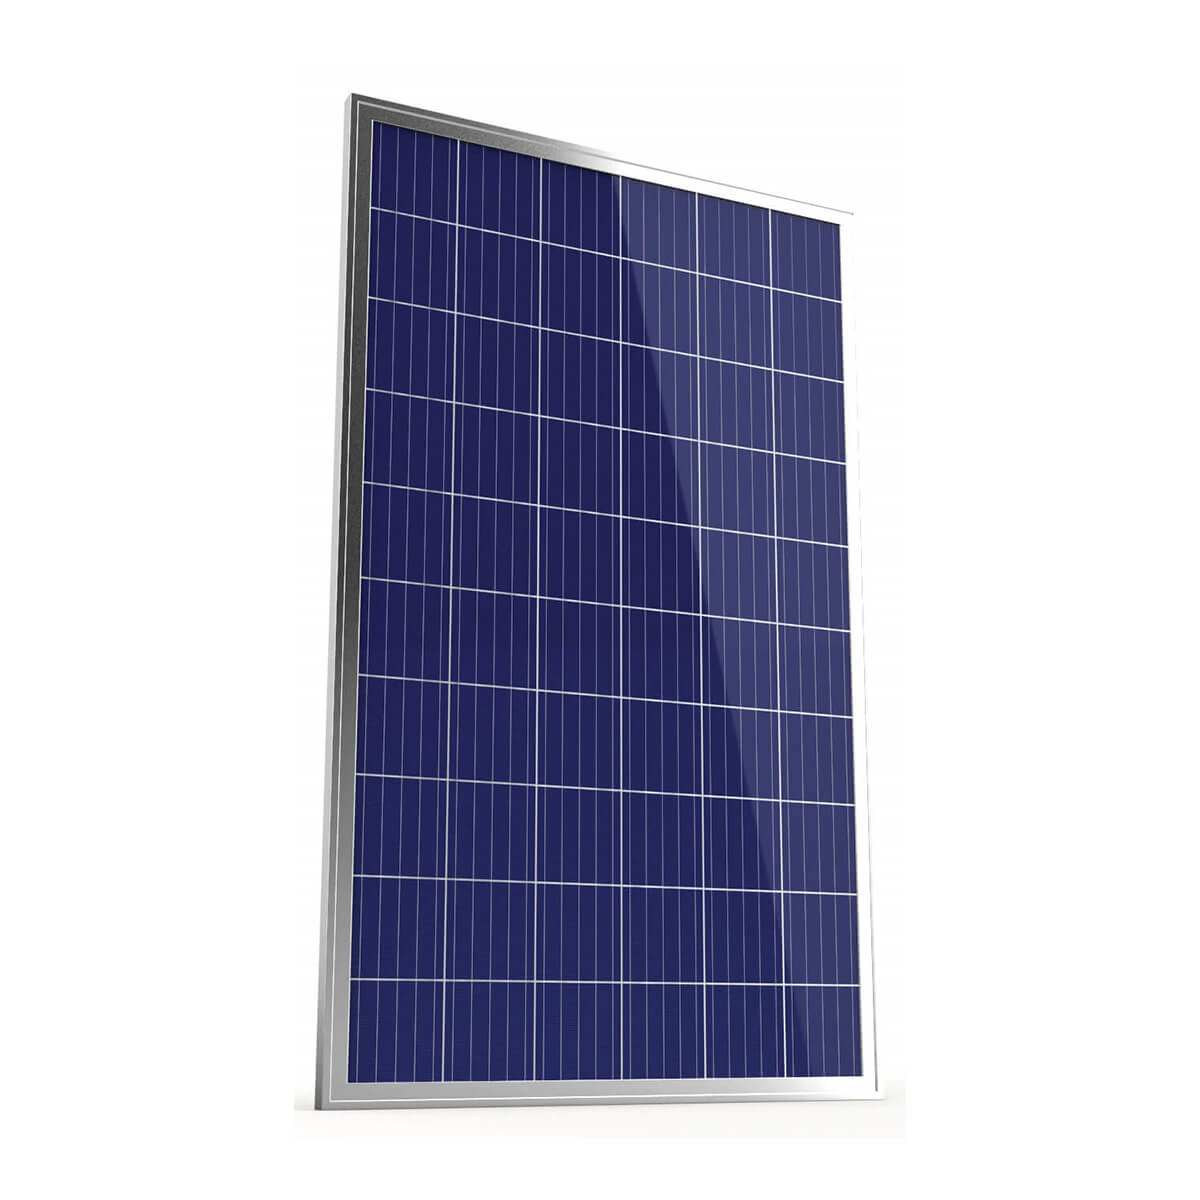 2h enerji winasol 270W panel, 2h enerji winasol 270Watt panel, 2h enerji winasol 270 W panel, 2h enerji winasol 270 Watt panel, 2h enerji winasol 270 Watt polikristal panel, 2h enerji winasol 270 W watt gunes paneli, 2h enerji winasol 270 W watt polikristal gunes paneli, 2h enerji winasol 270 W Watt fotovoltaik polikristal solar panel, 2h enerji winasol 270W polikristal gunes enerjisi, 2h enerji winasol 60-270W panel, WINASOL 270 WATT